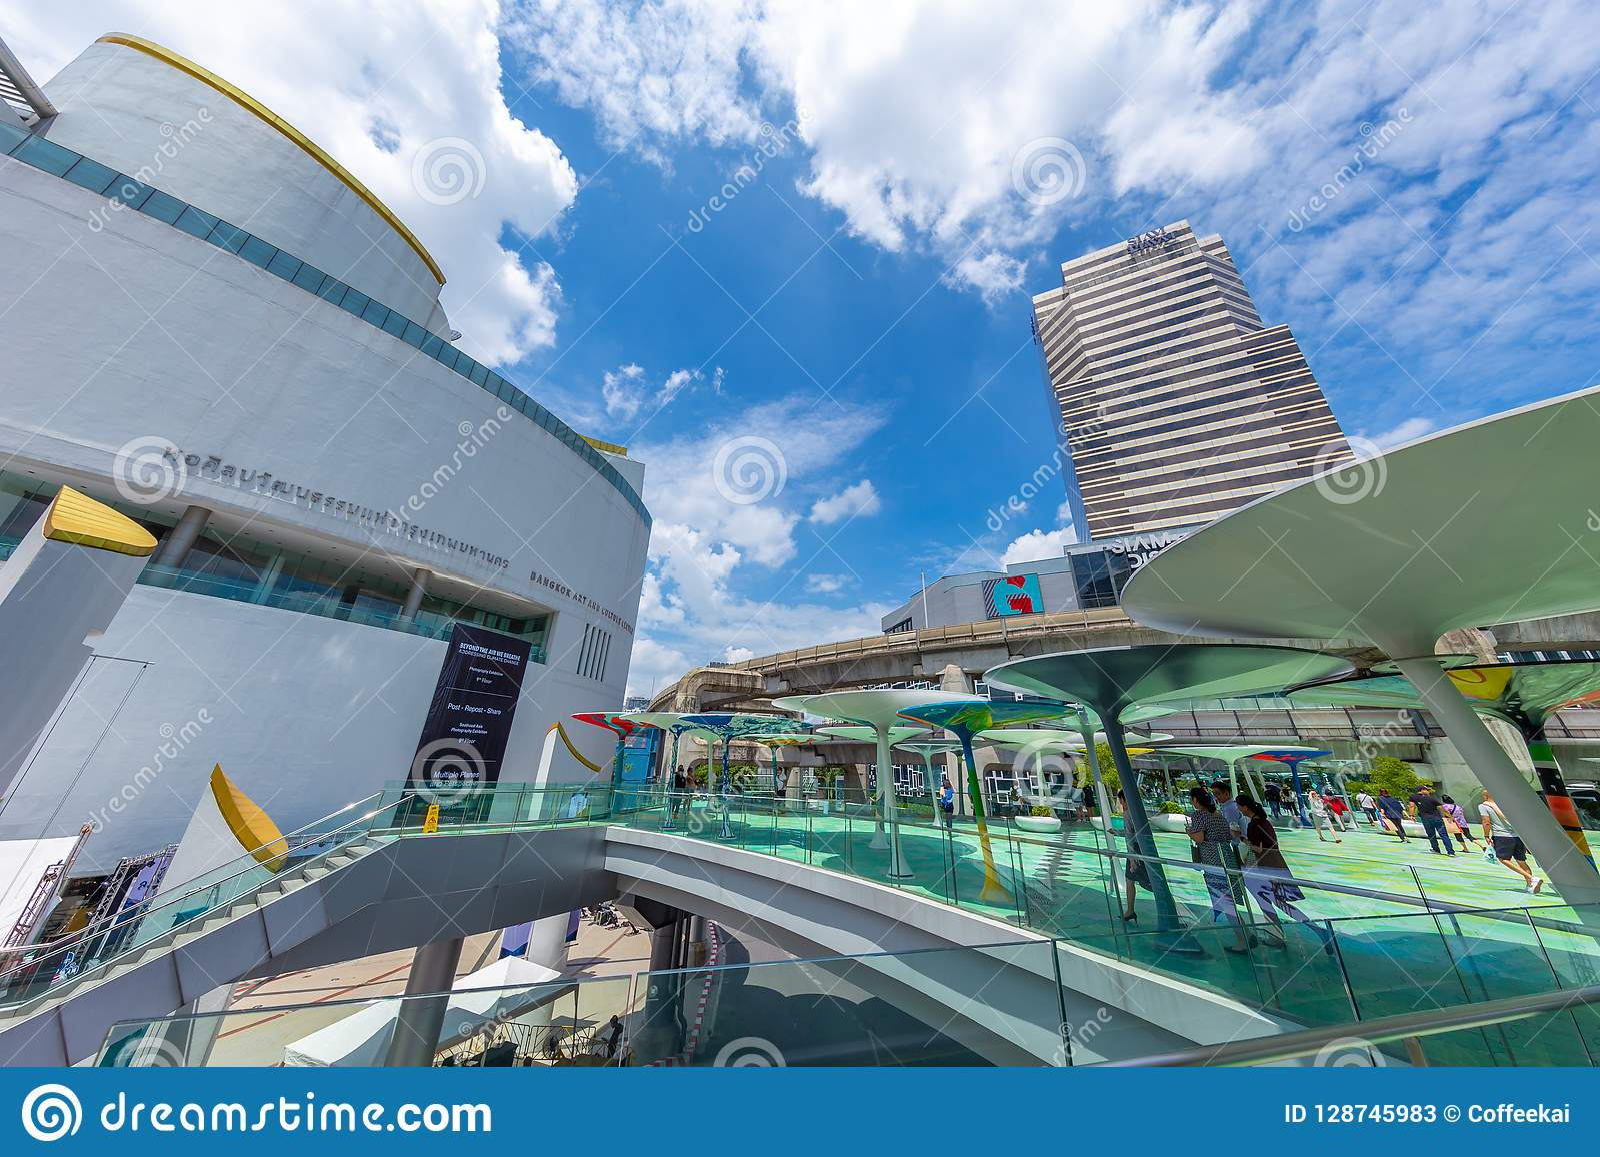 Bangkok-Kunst und Kultur-Mitte ist Reiseplatz- und Öffentlichkeitsstadtgaleriehalle für Künstleranzeigenkünste nahe Siam Discover